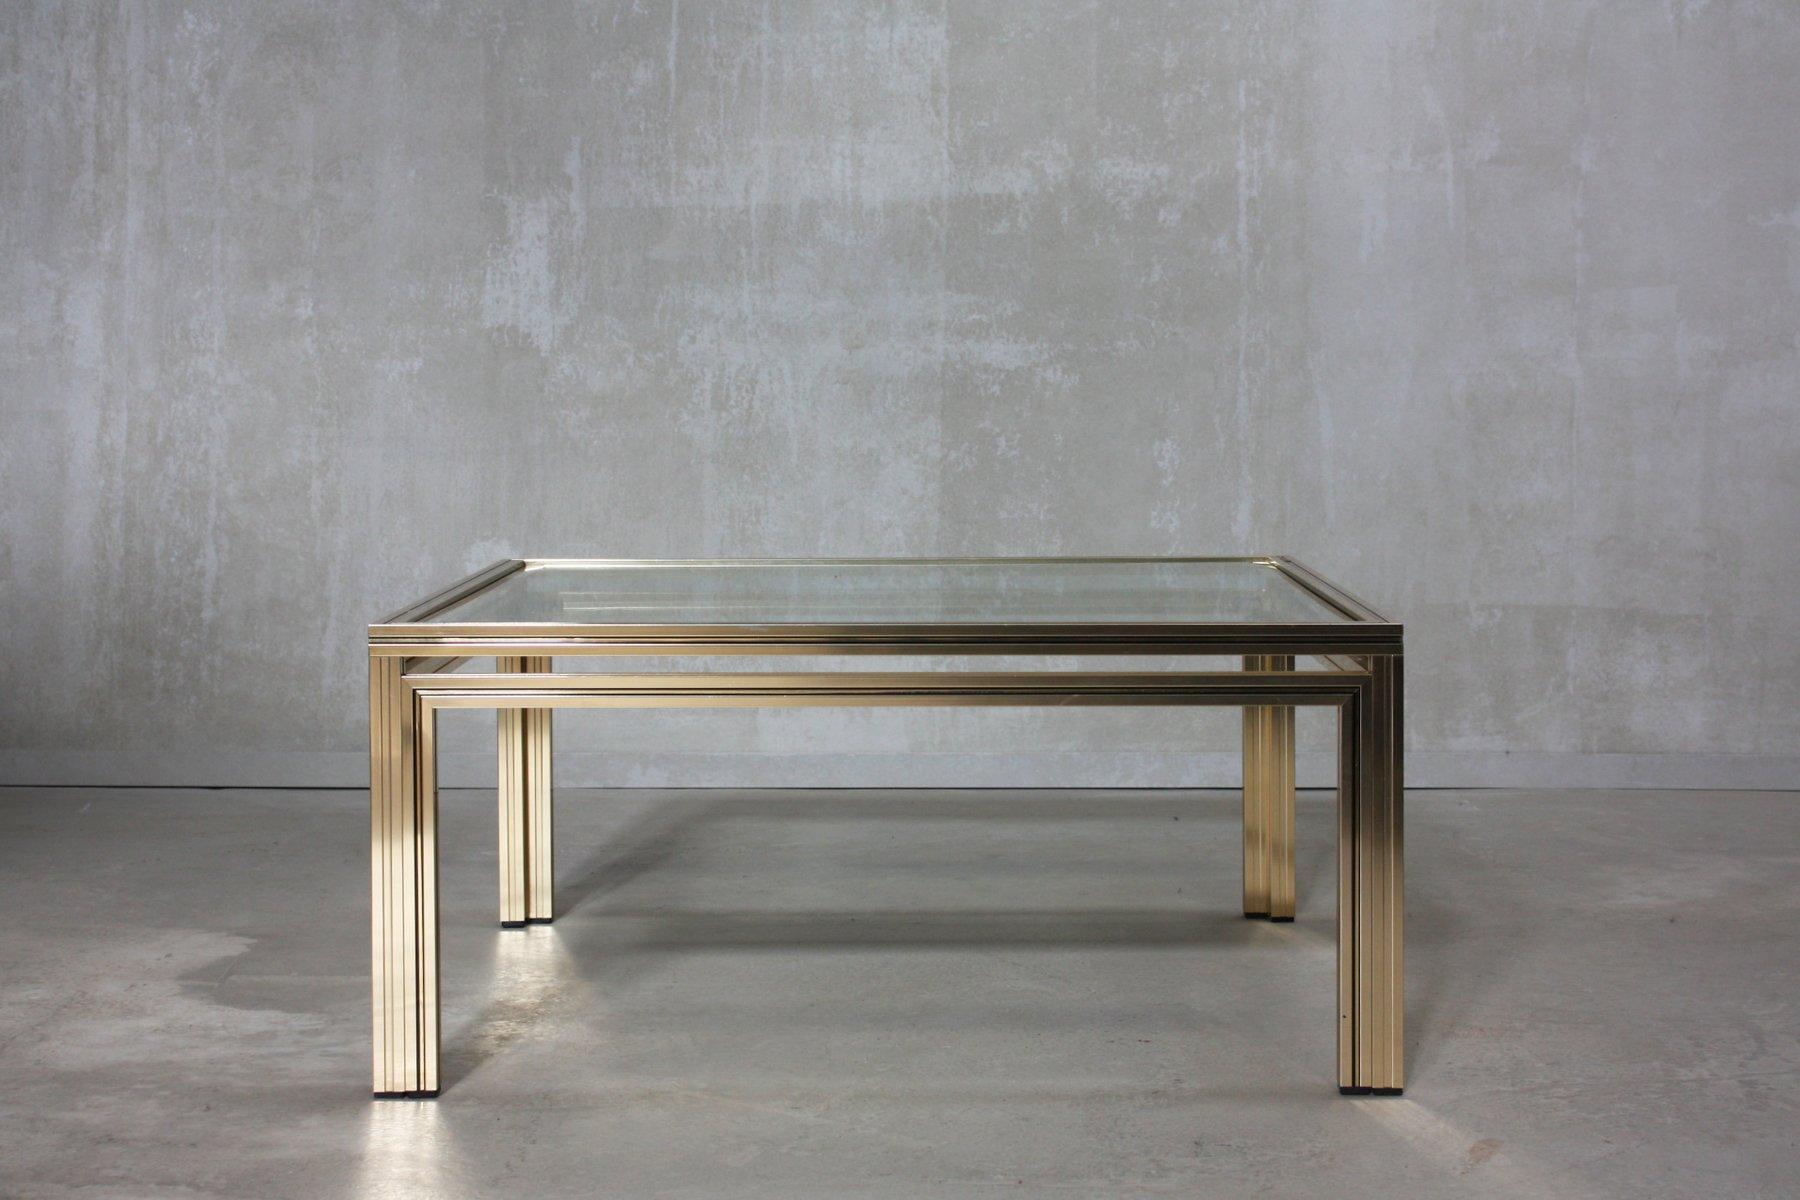 Table Basse Dorée Carrée par Pierre Vandel, France, 1970s en vente ...